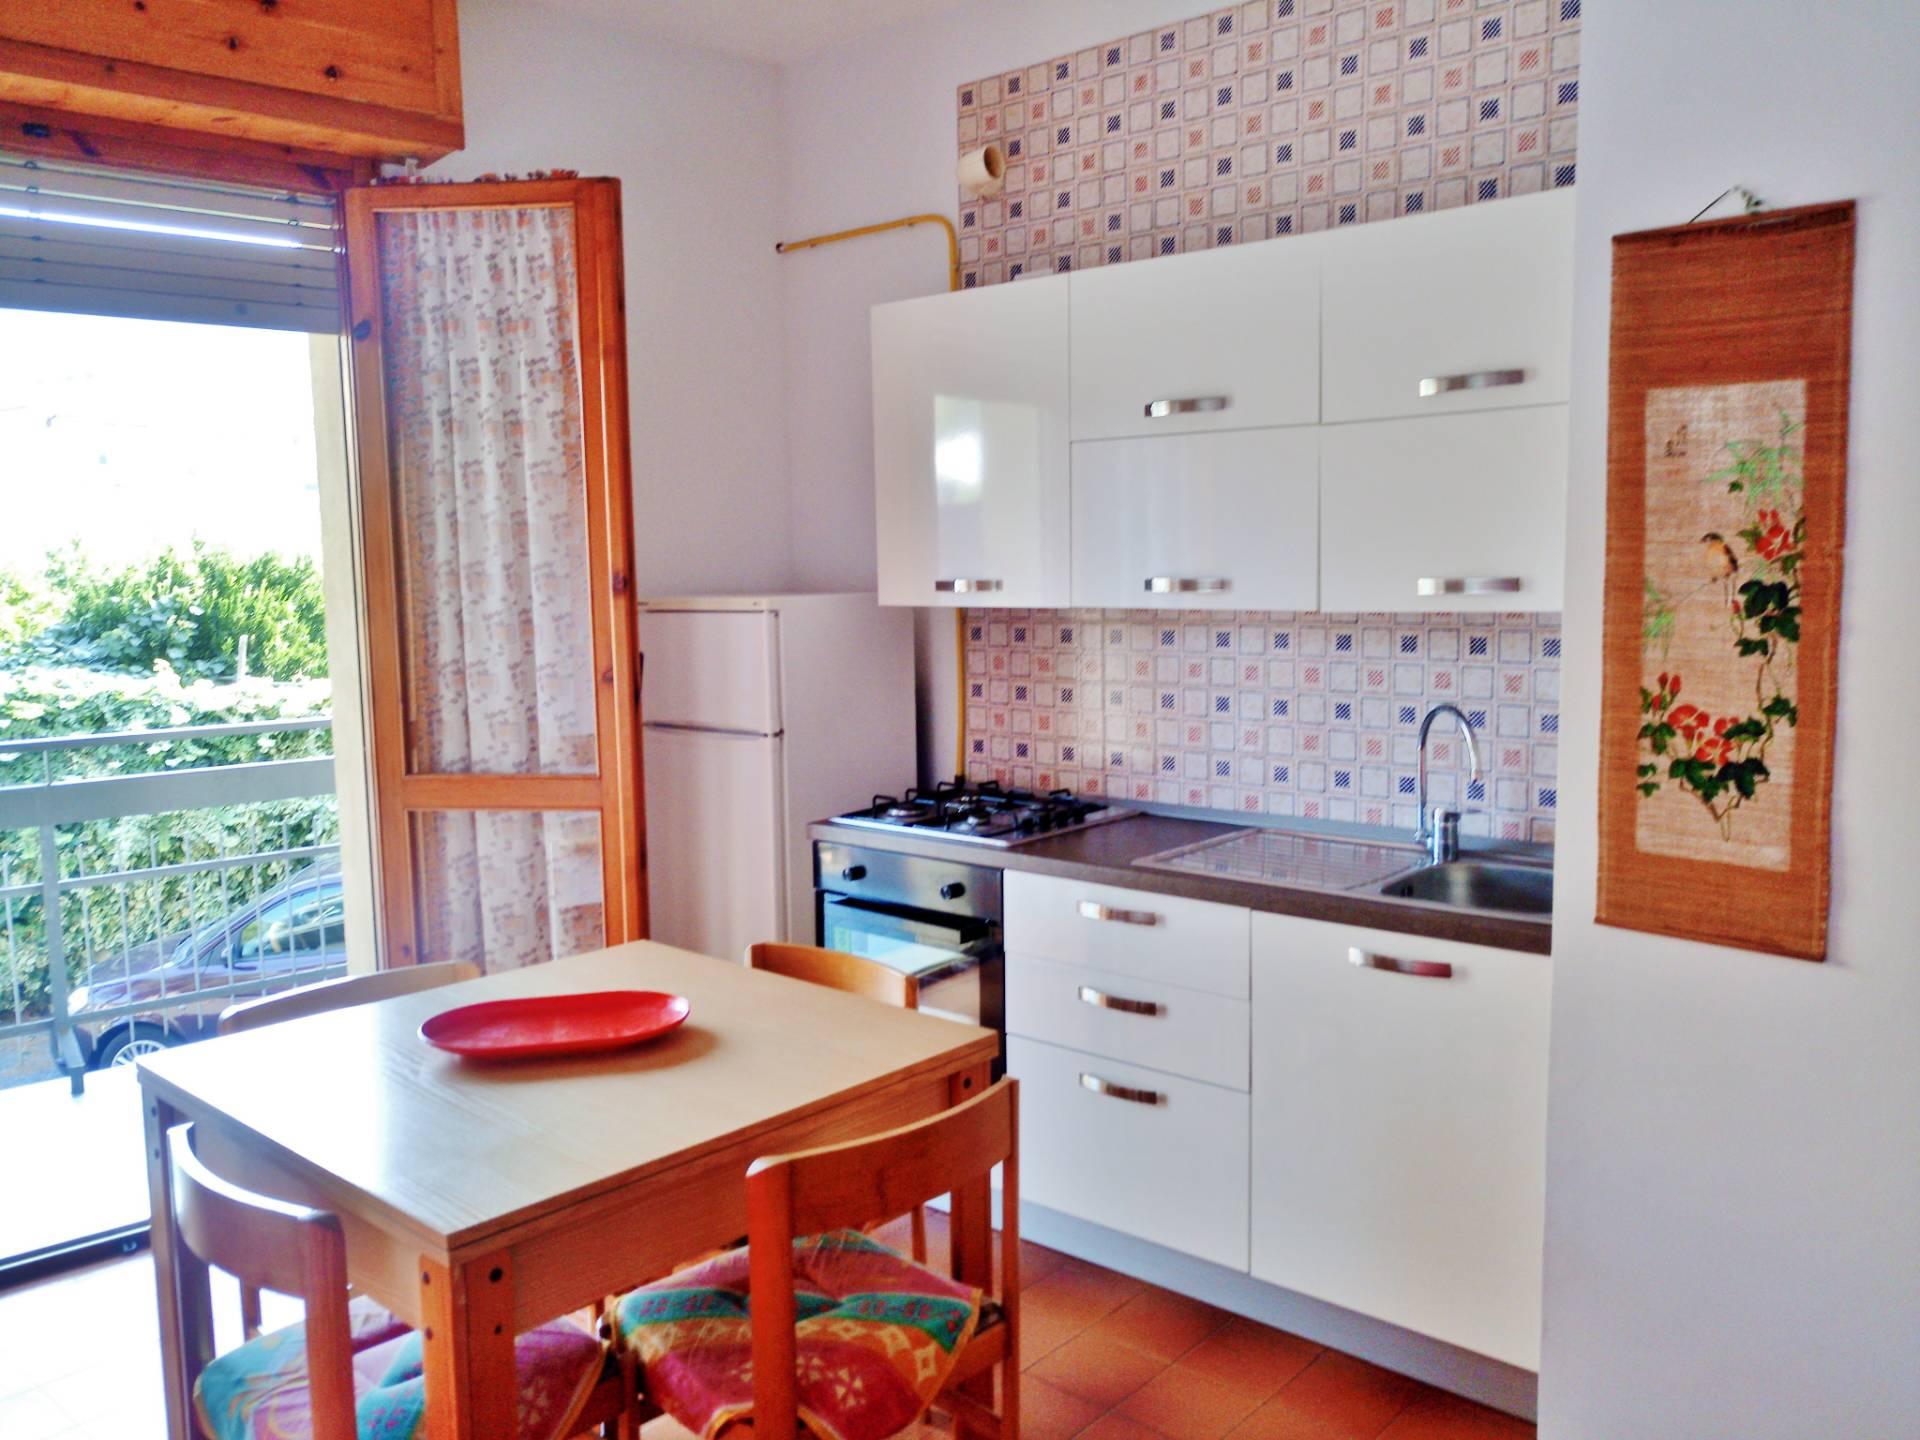 Immobile Turistico in affitto a Pietra Ligure, 2 locali, zona Località: vleRepubblica, Trattative riservate | PortaleAgenzieImmobiliari.it